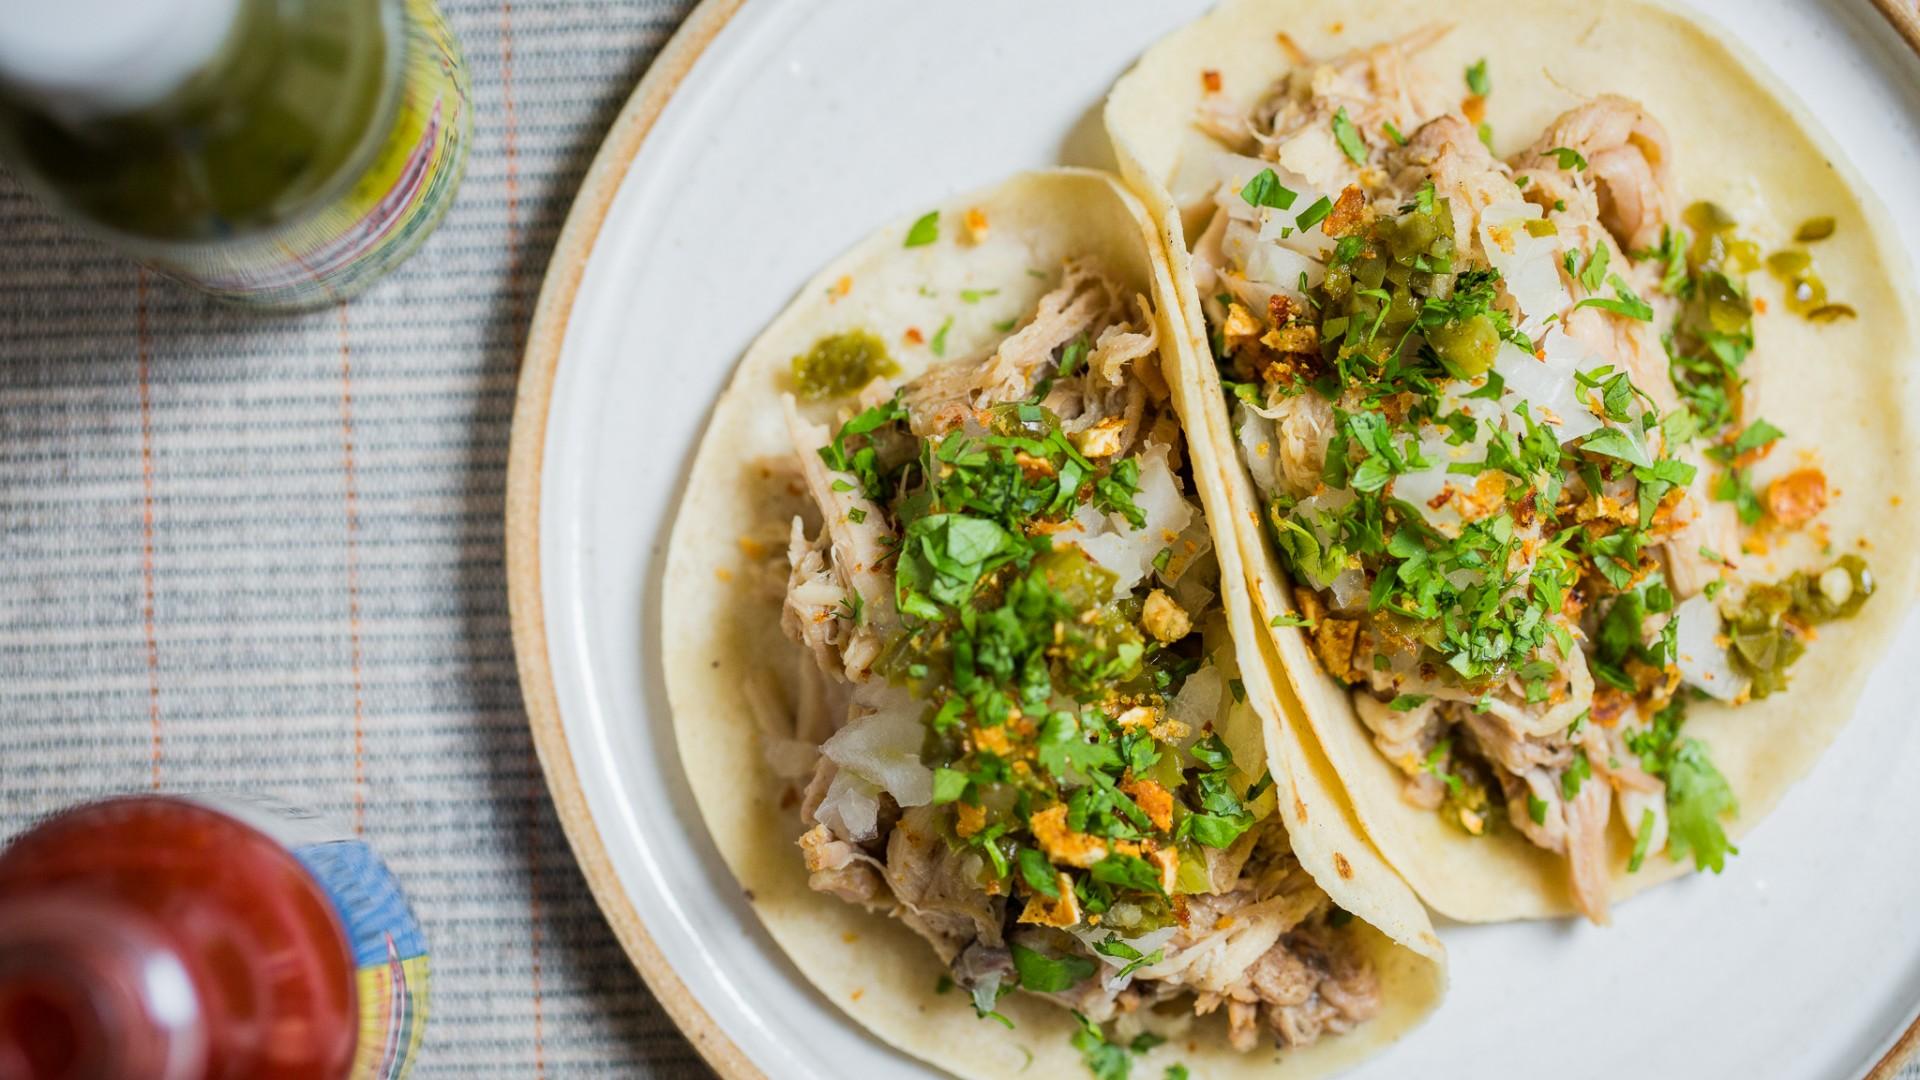 The carnitas taco